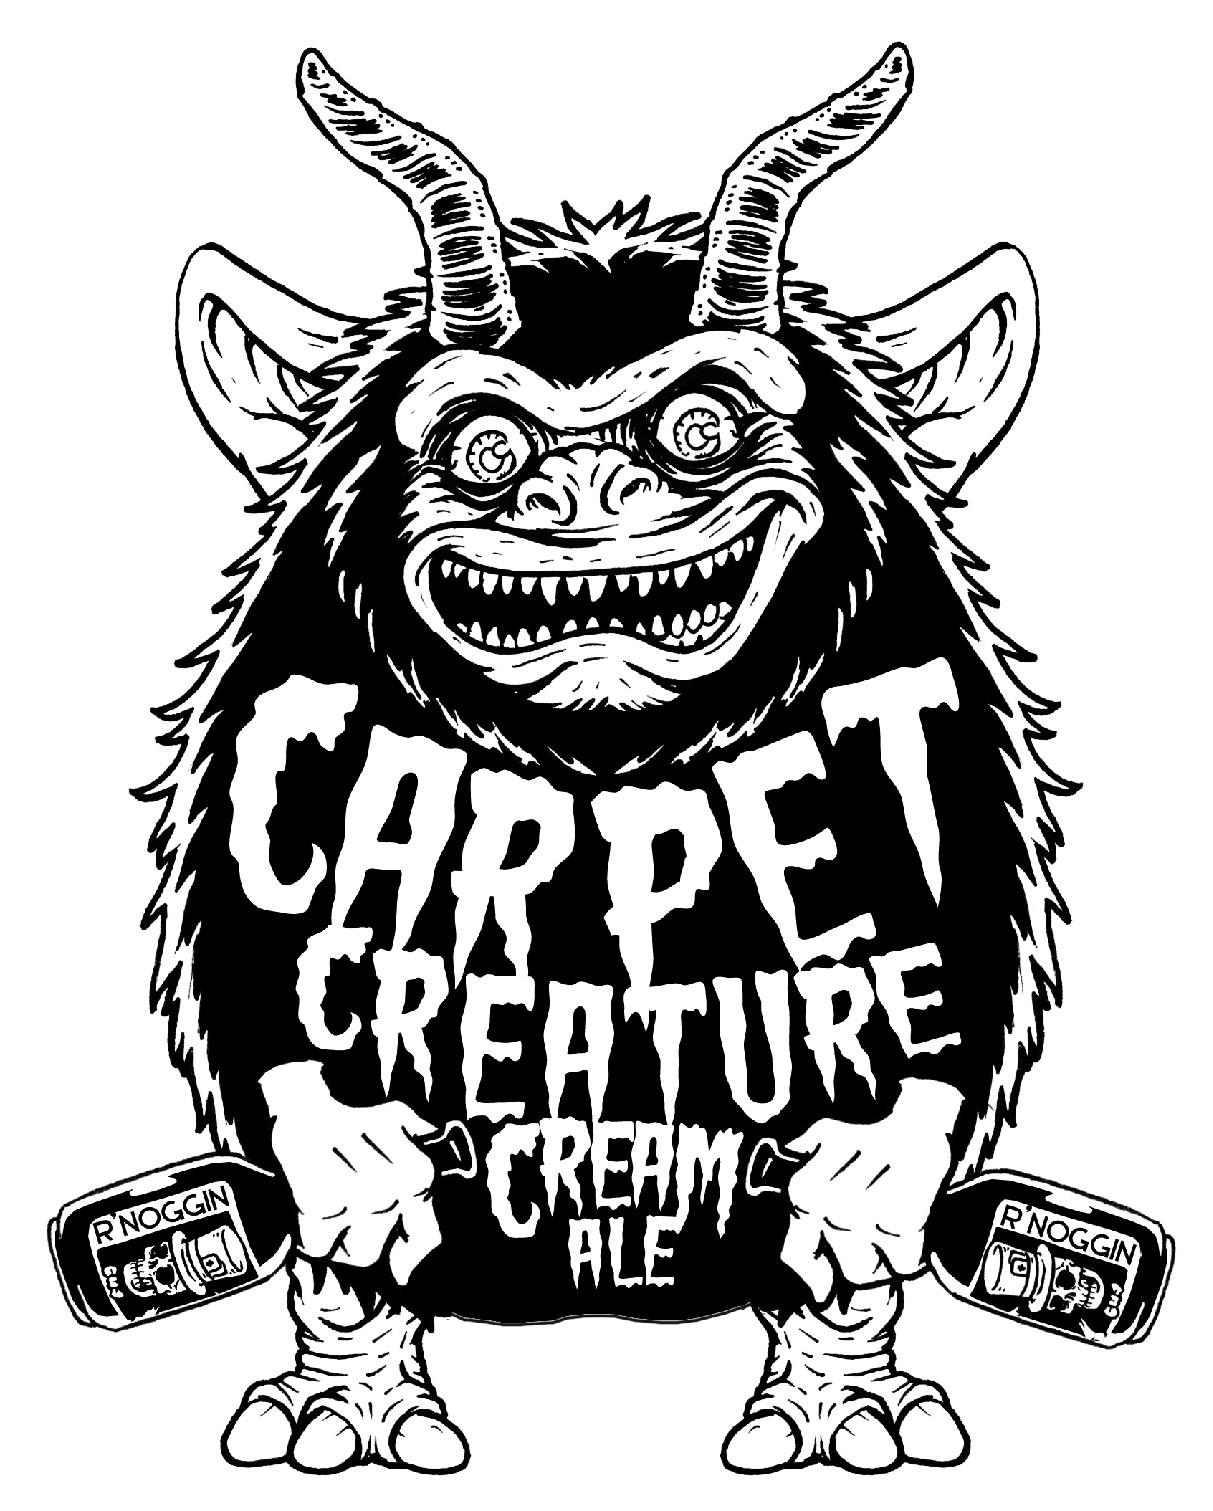 Carpet Creature - Cream Ale